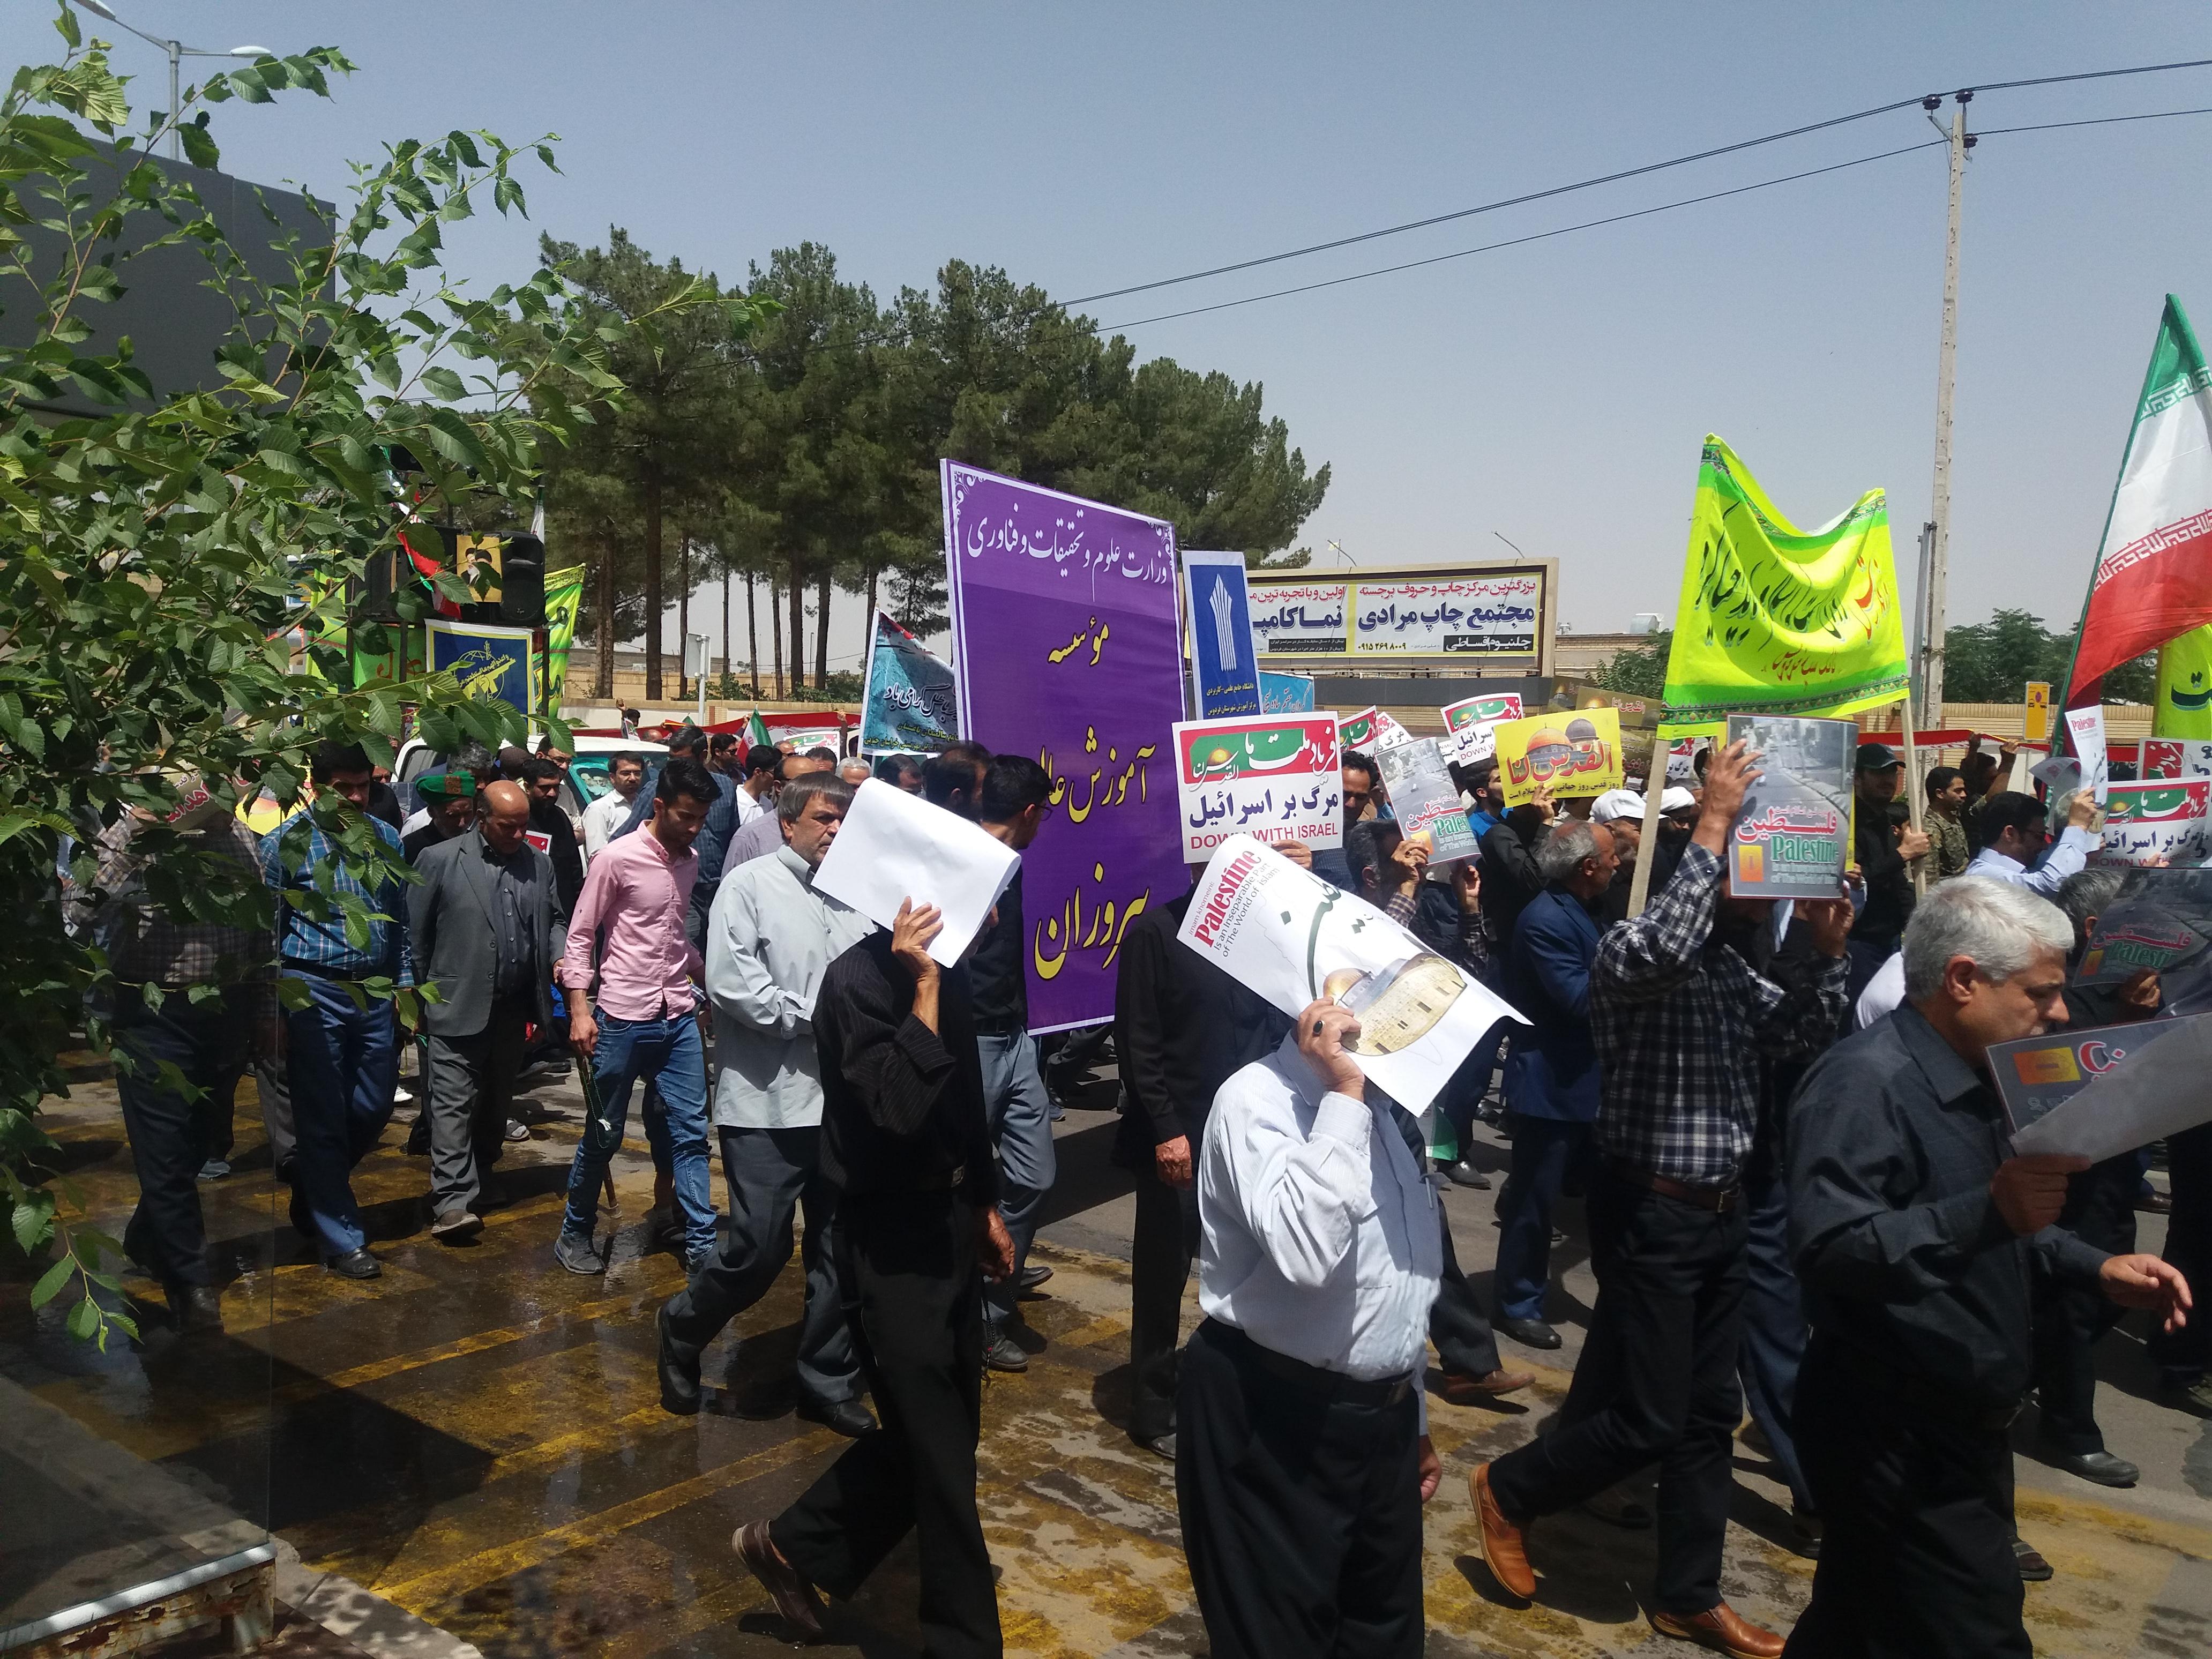 حضور پرشور دانشجویان ،پرسنل و مدیران موسسه در راهپیمایی روز قدس